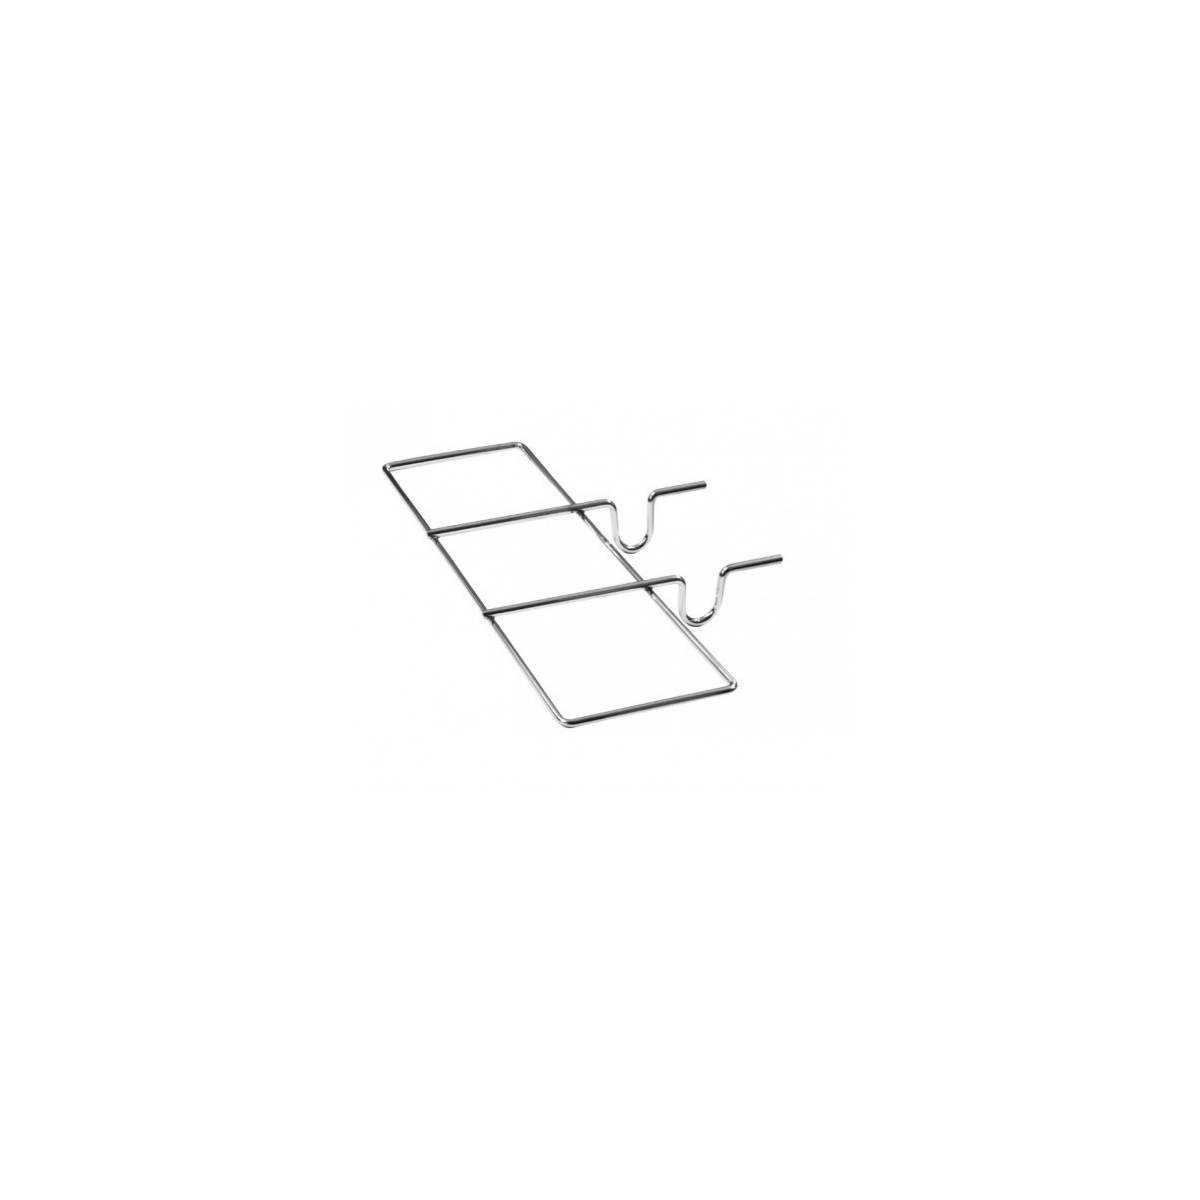 Подставка металлическая для щеток и швабр (H060201) H060201 TTS